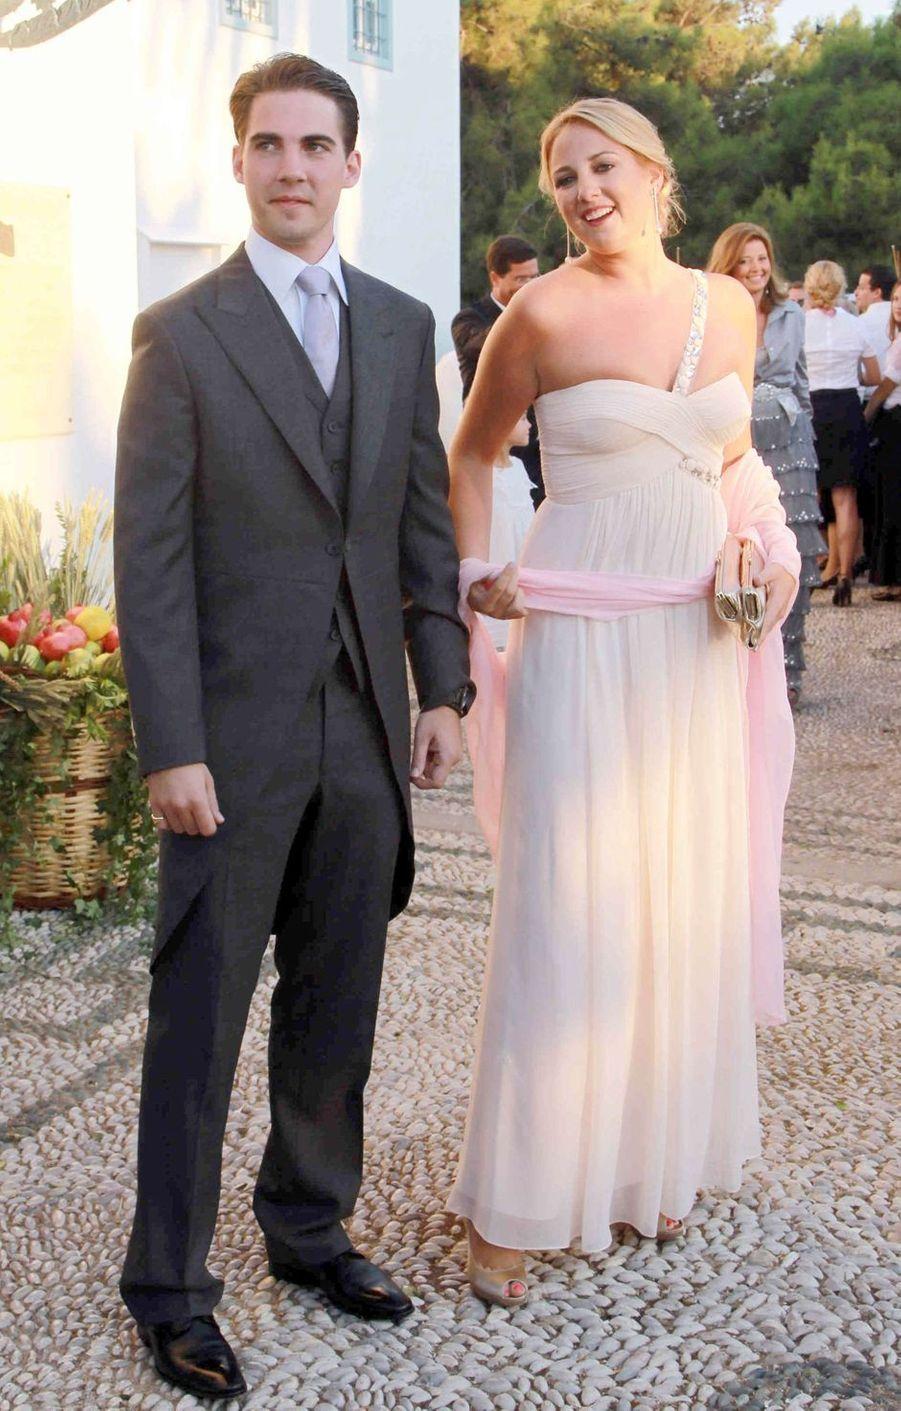 Le prince Philippos et la princesse Theodora de Grèce, frère et soeur du marié, sur l'île de Spetses, le 25 août 2010